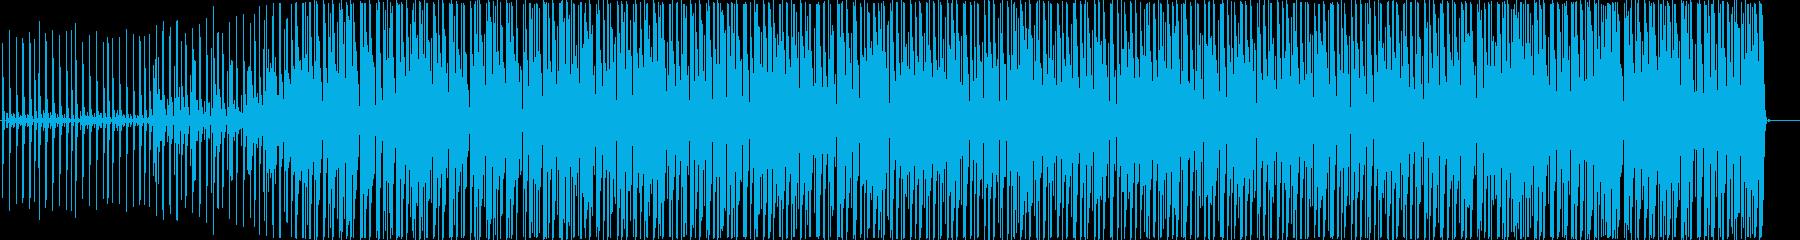 夏を感じさせるトロピカルハウスの再生済みの波形